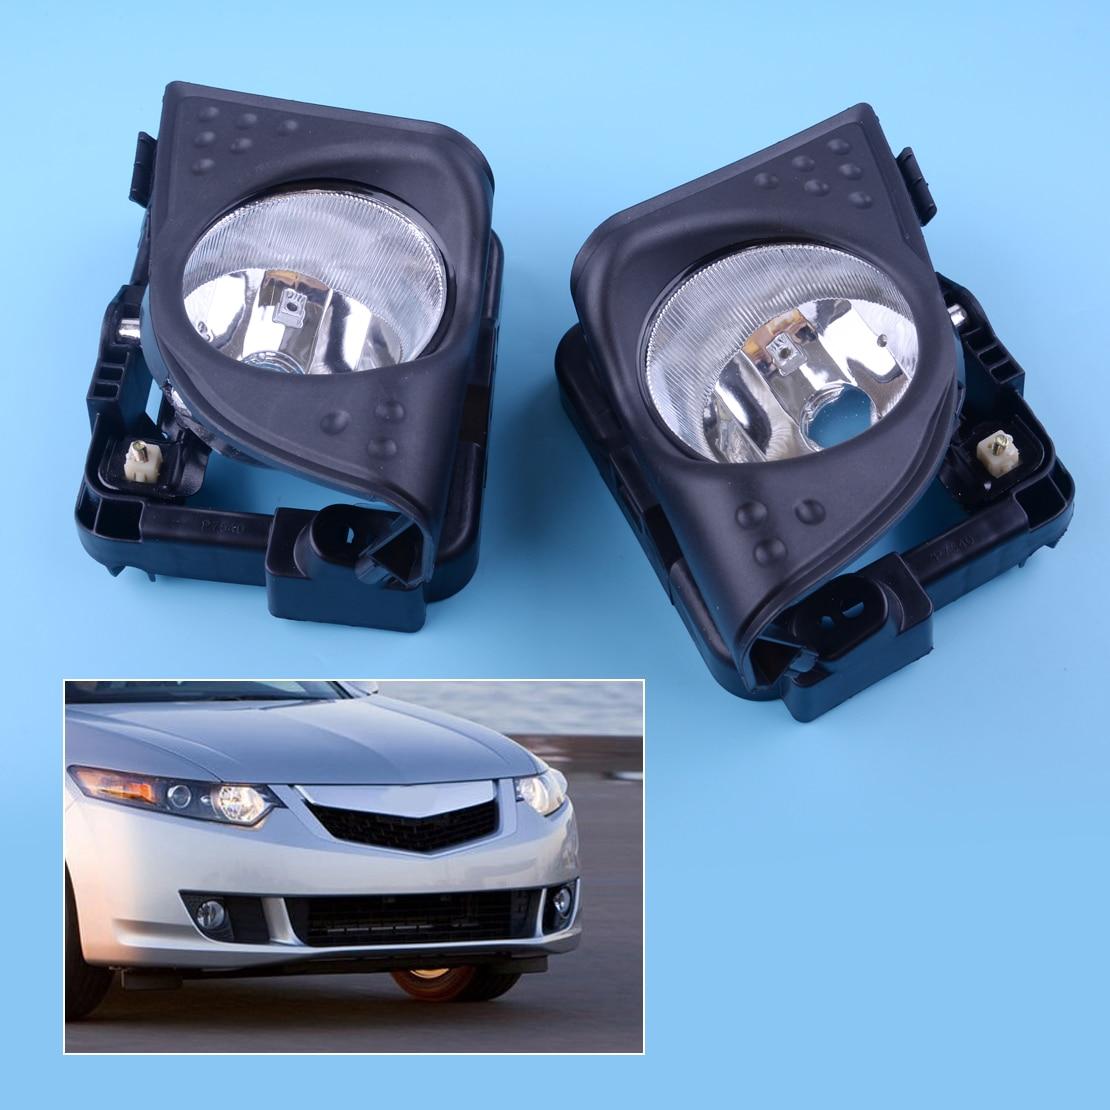 Nouveau 1 paire noir voiture gauche droite avant brouillard conduite lampe couvercle garniture cadre 33900TL0A01 33950TL0A01 Fit pour Acura TSX 2009 2010